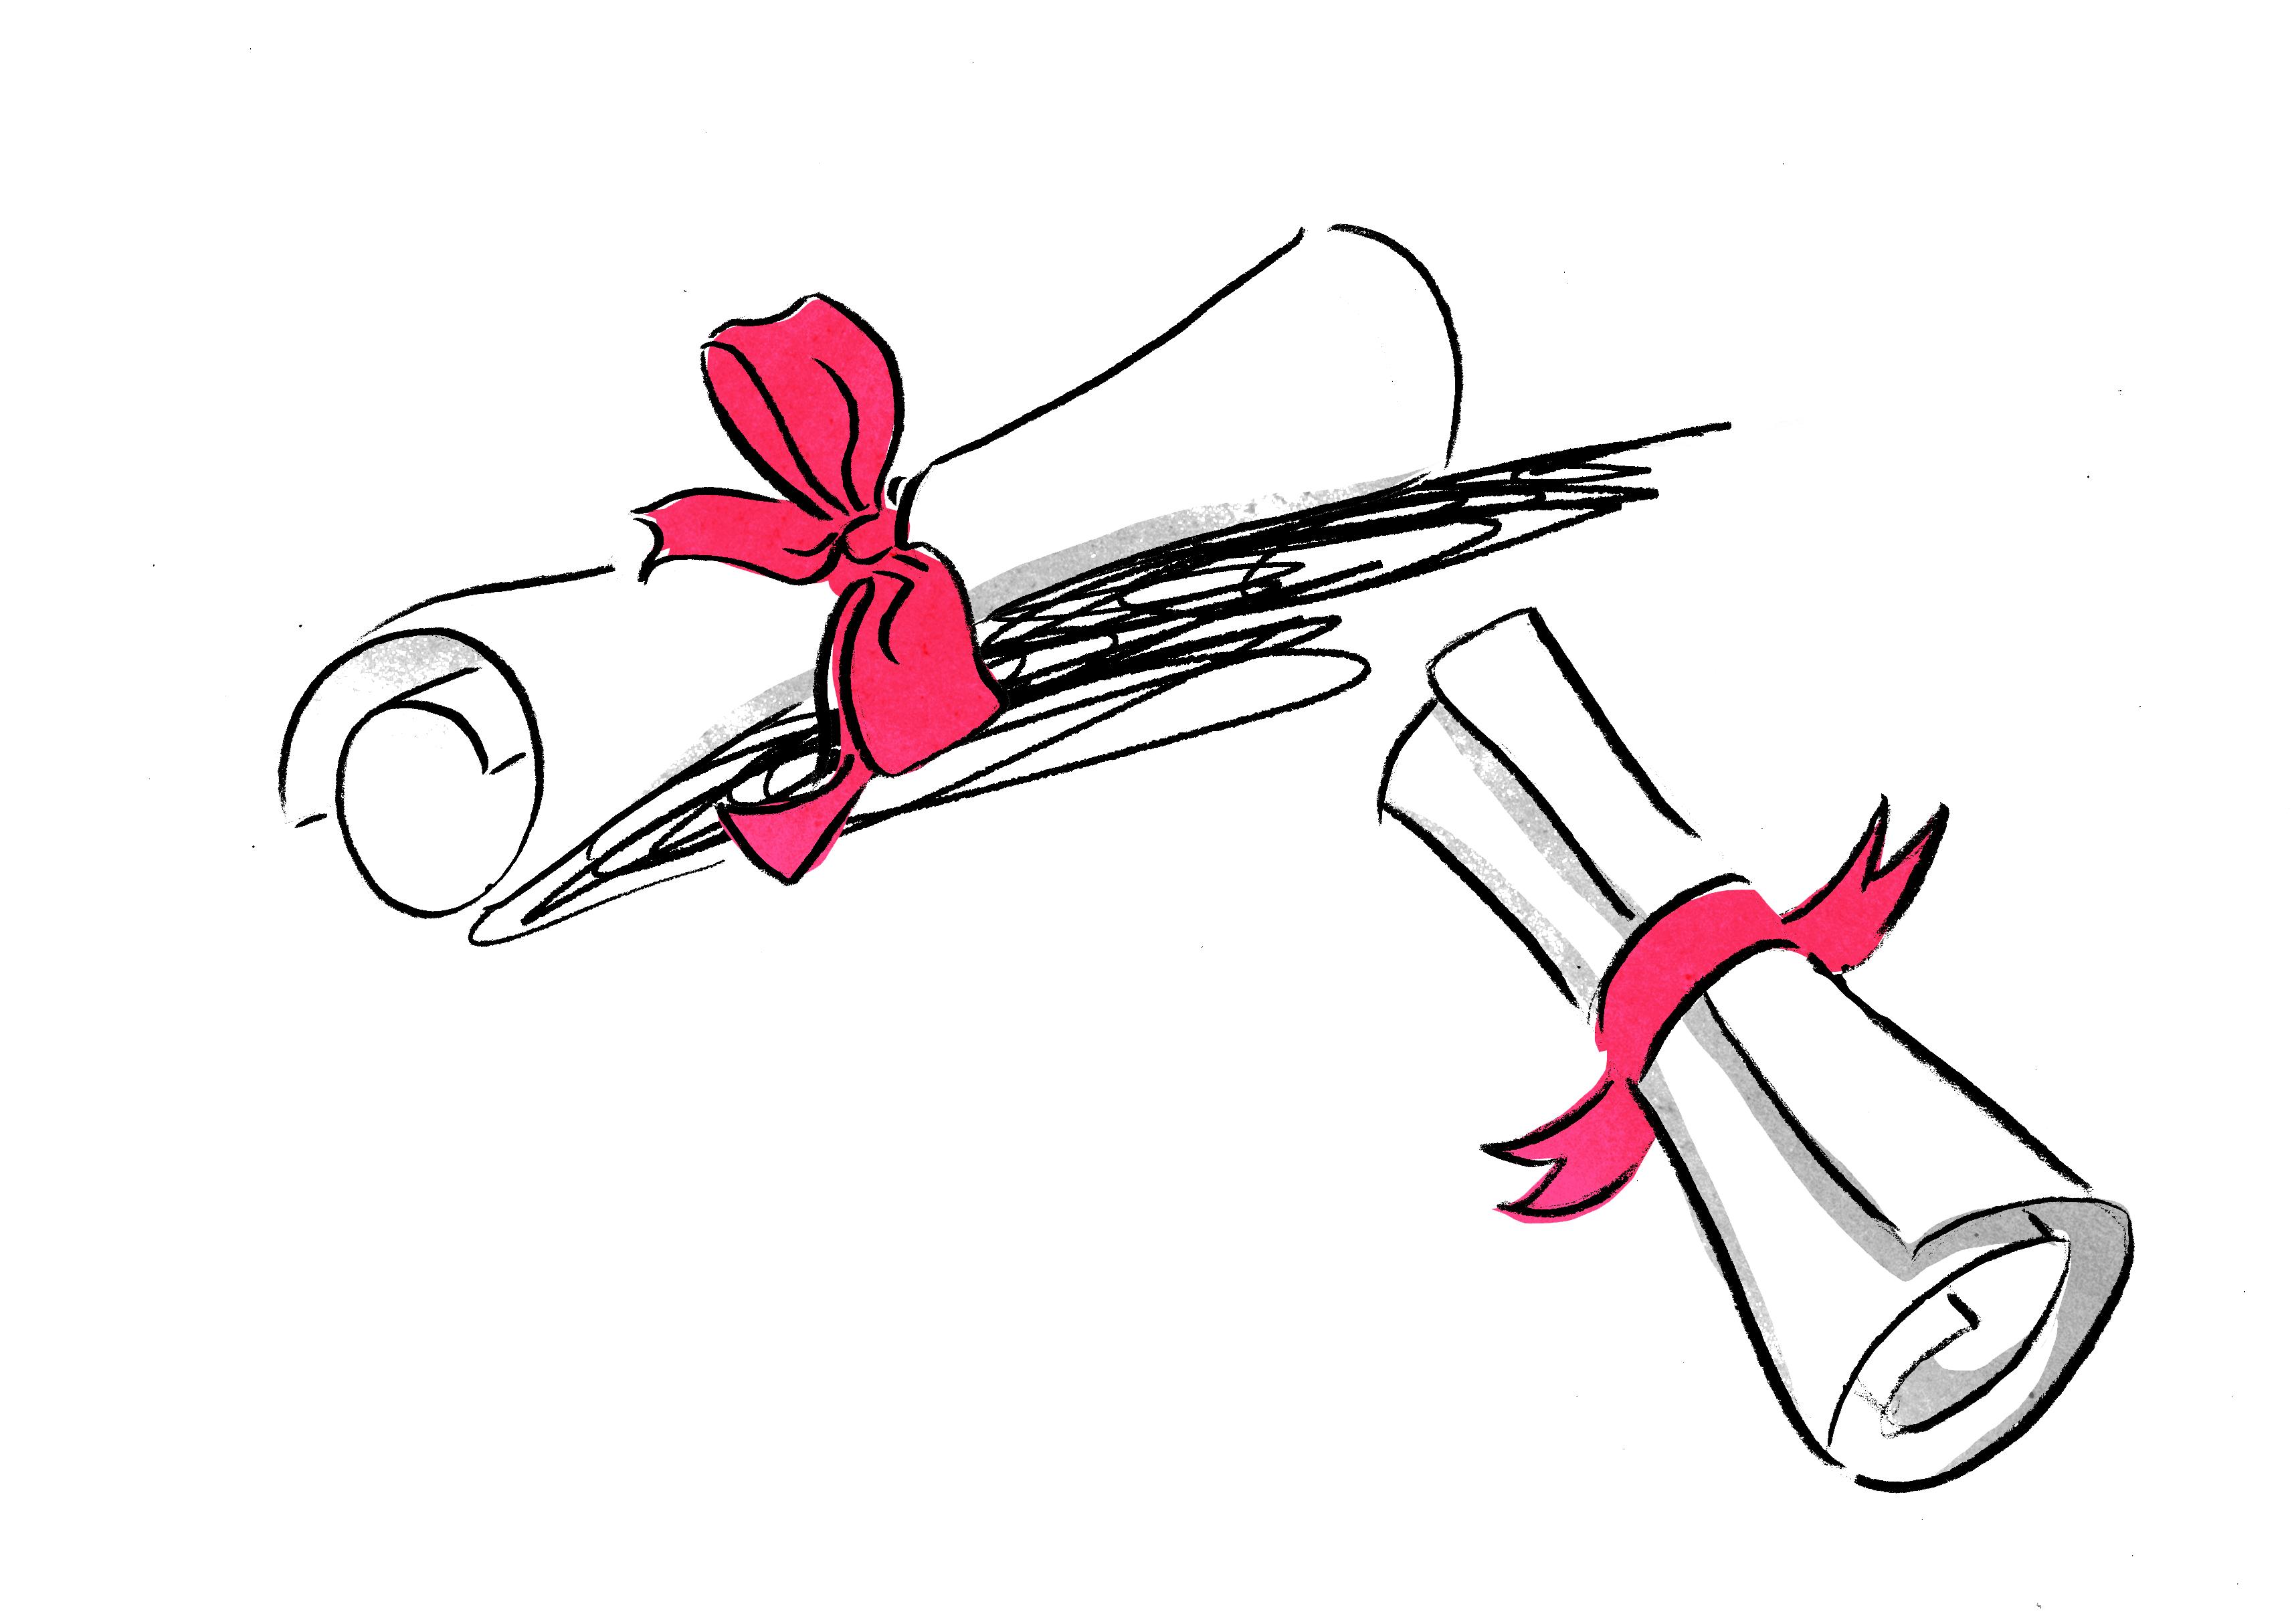 illustration-exam-results-scrolls